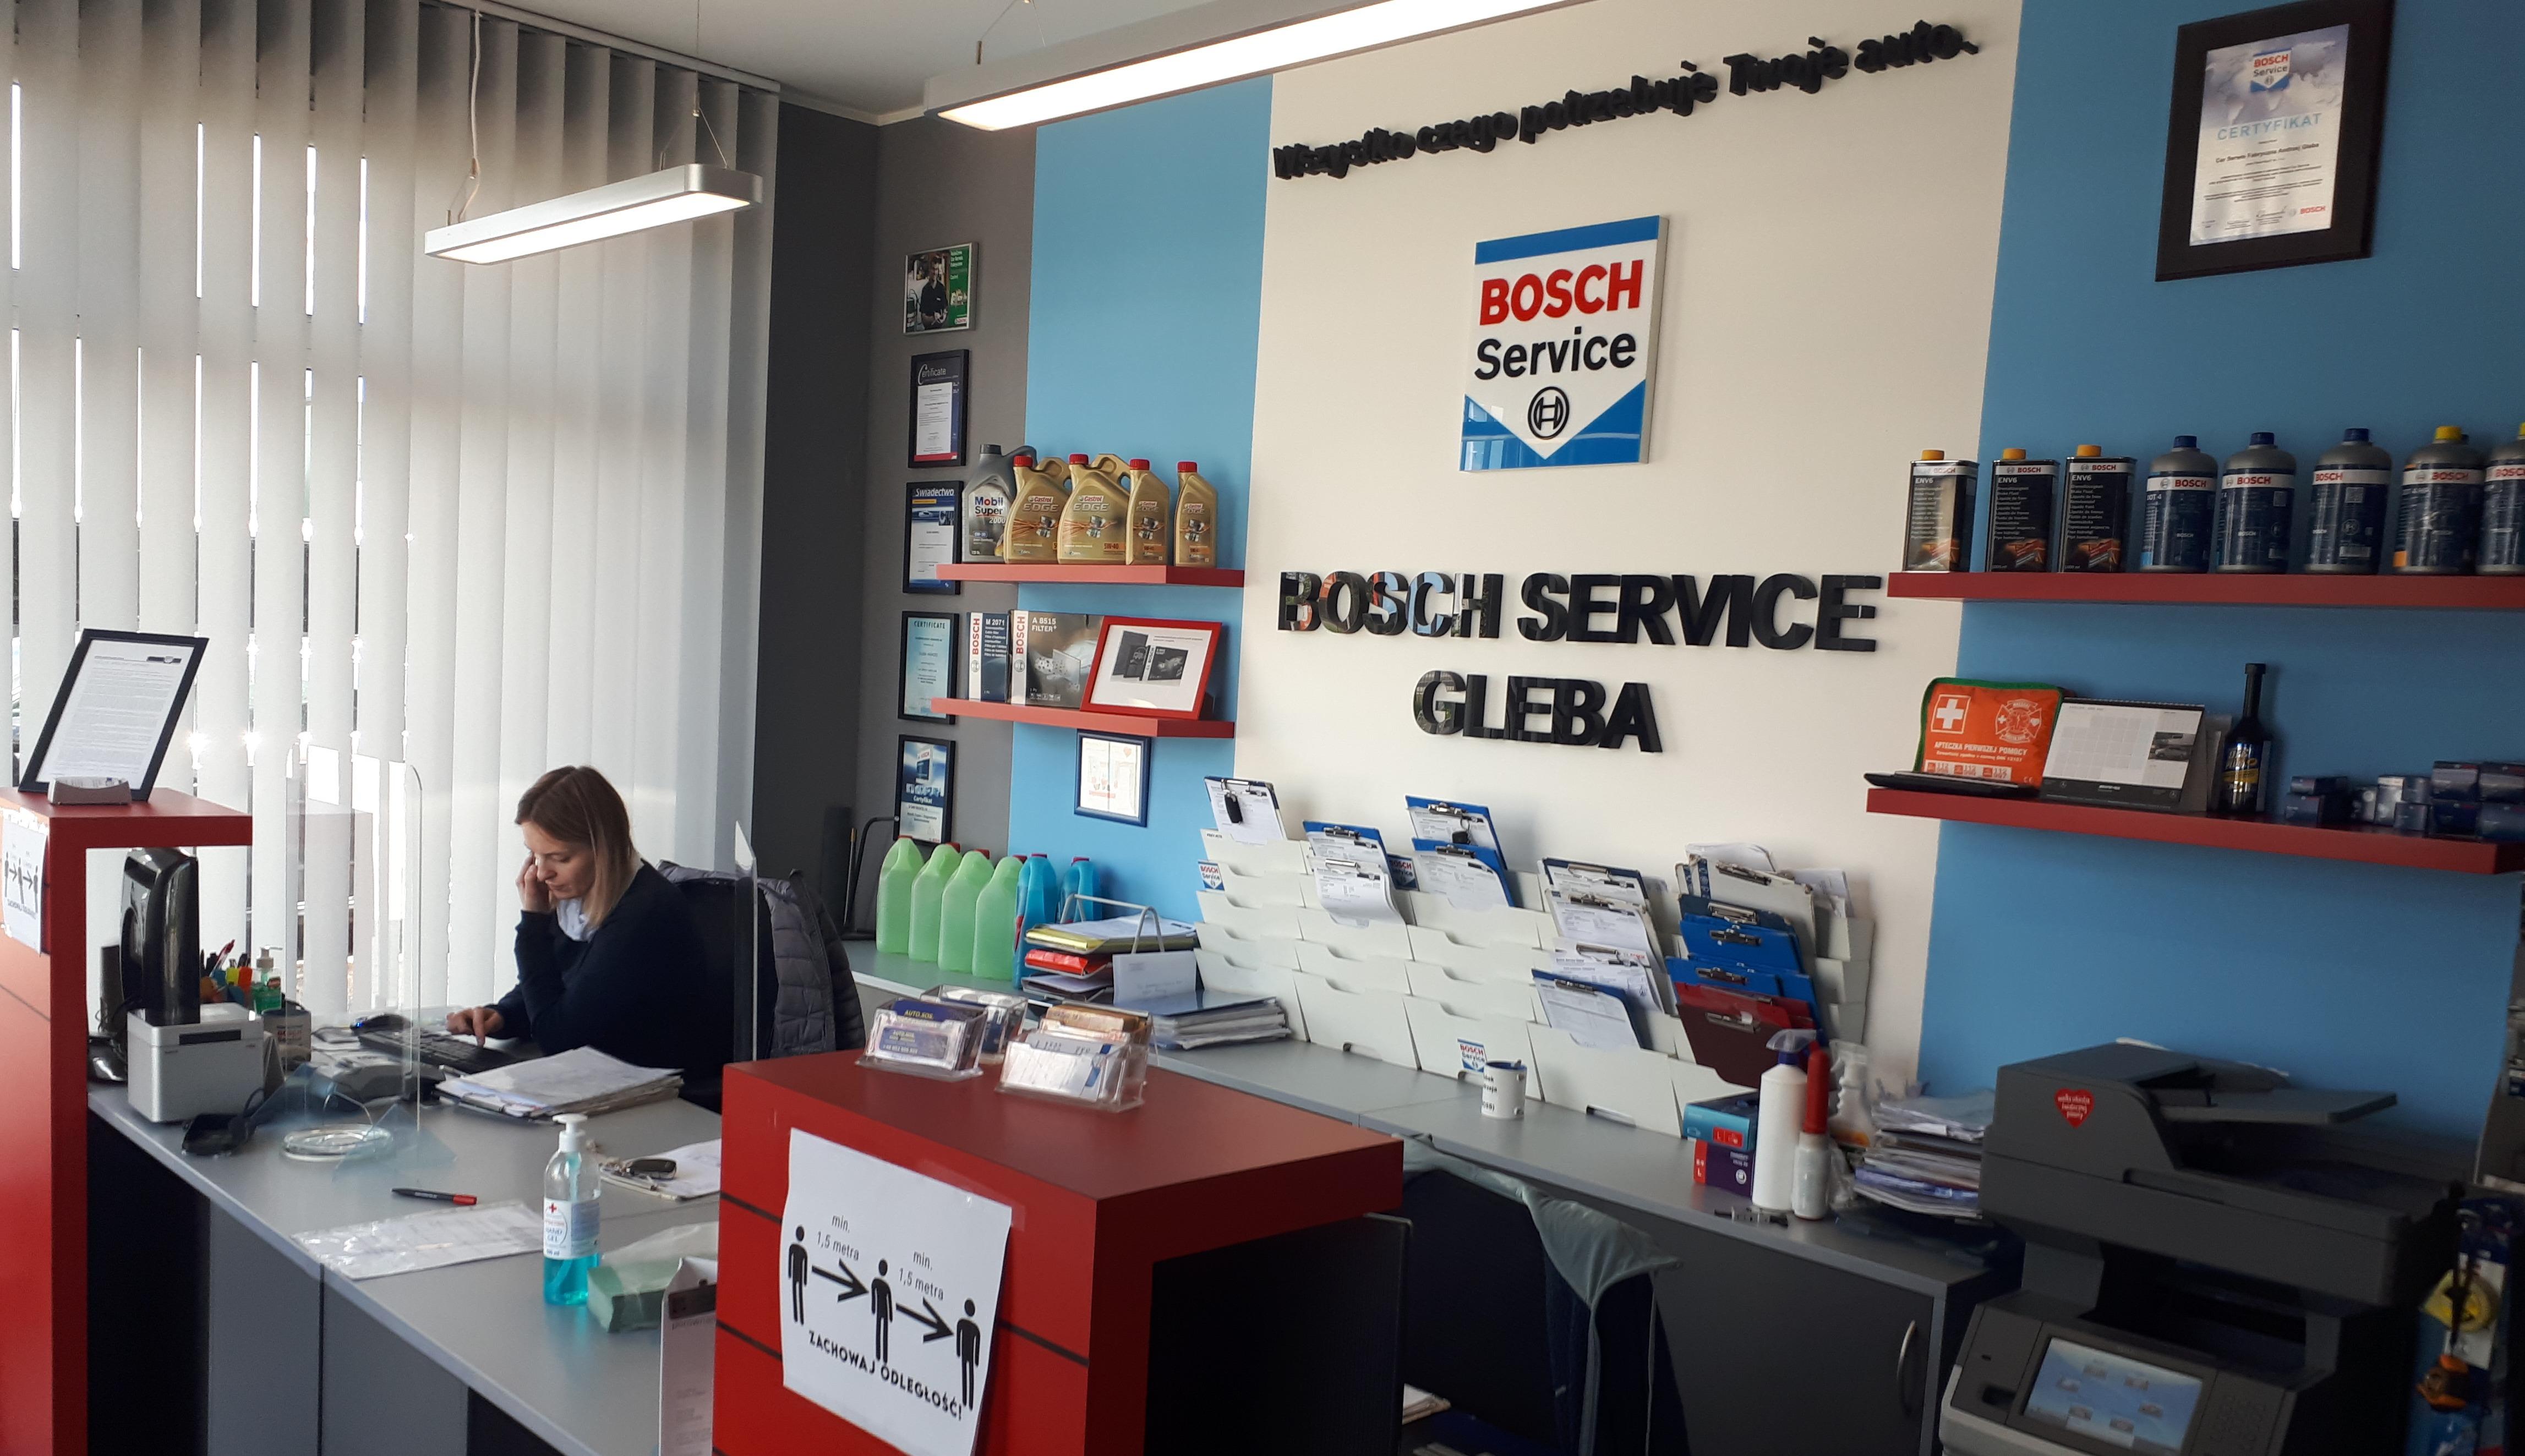 Car Serwis Fabryczna /Bosch Service Gleba Tychy photo-0